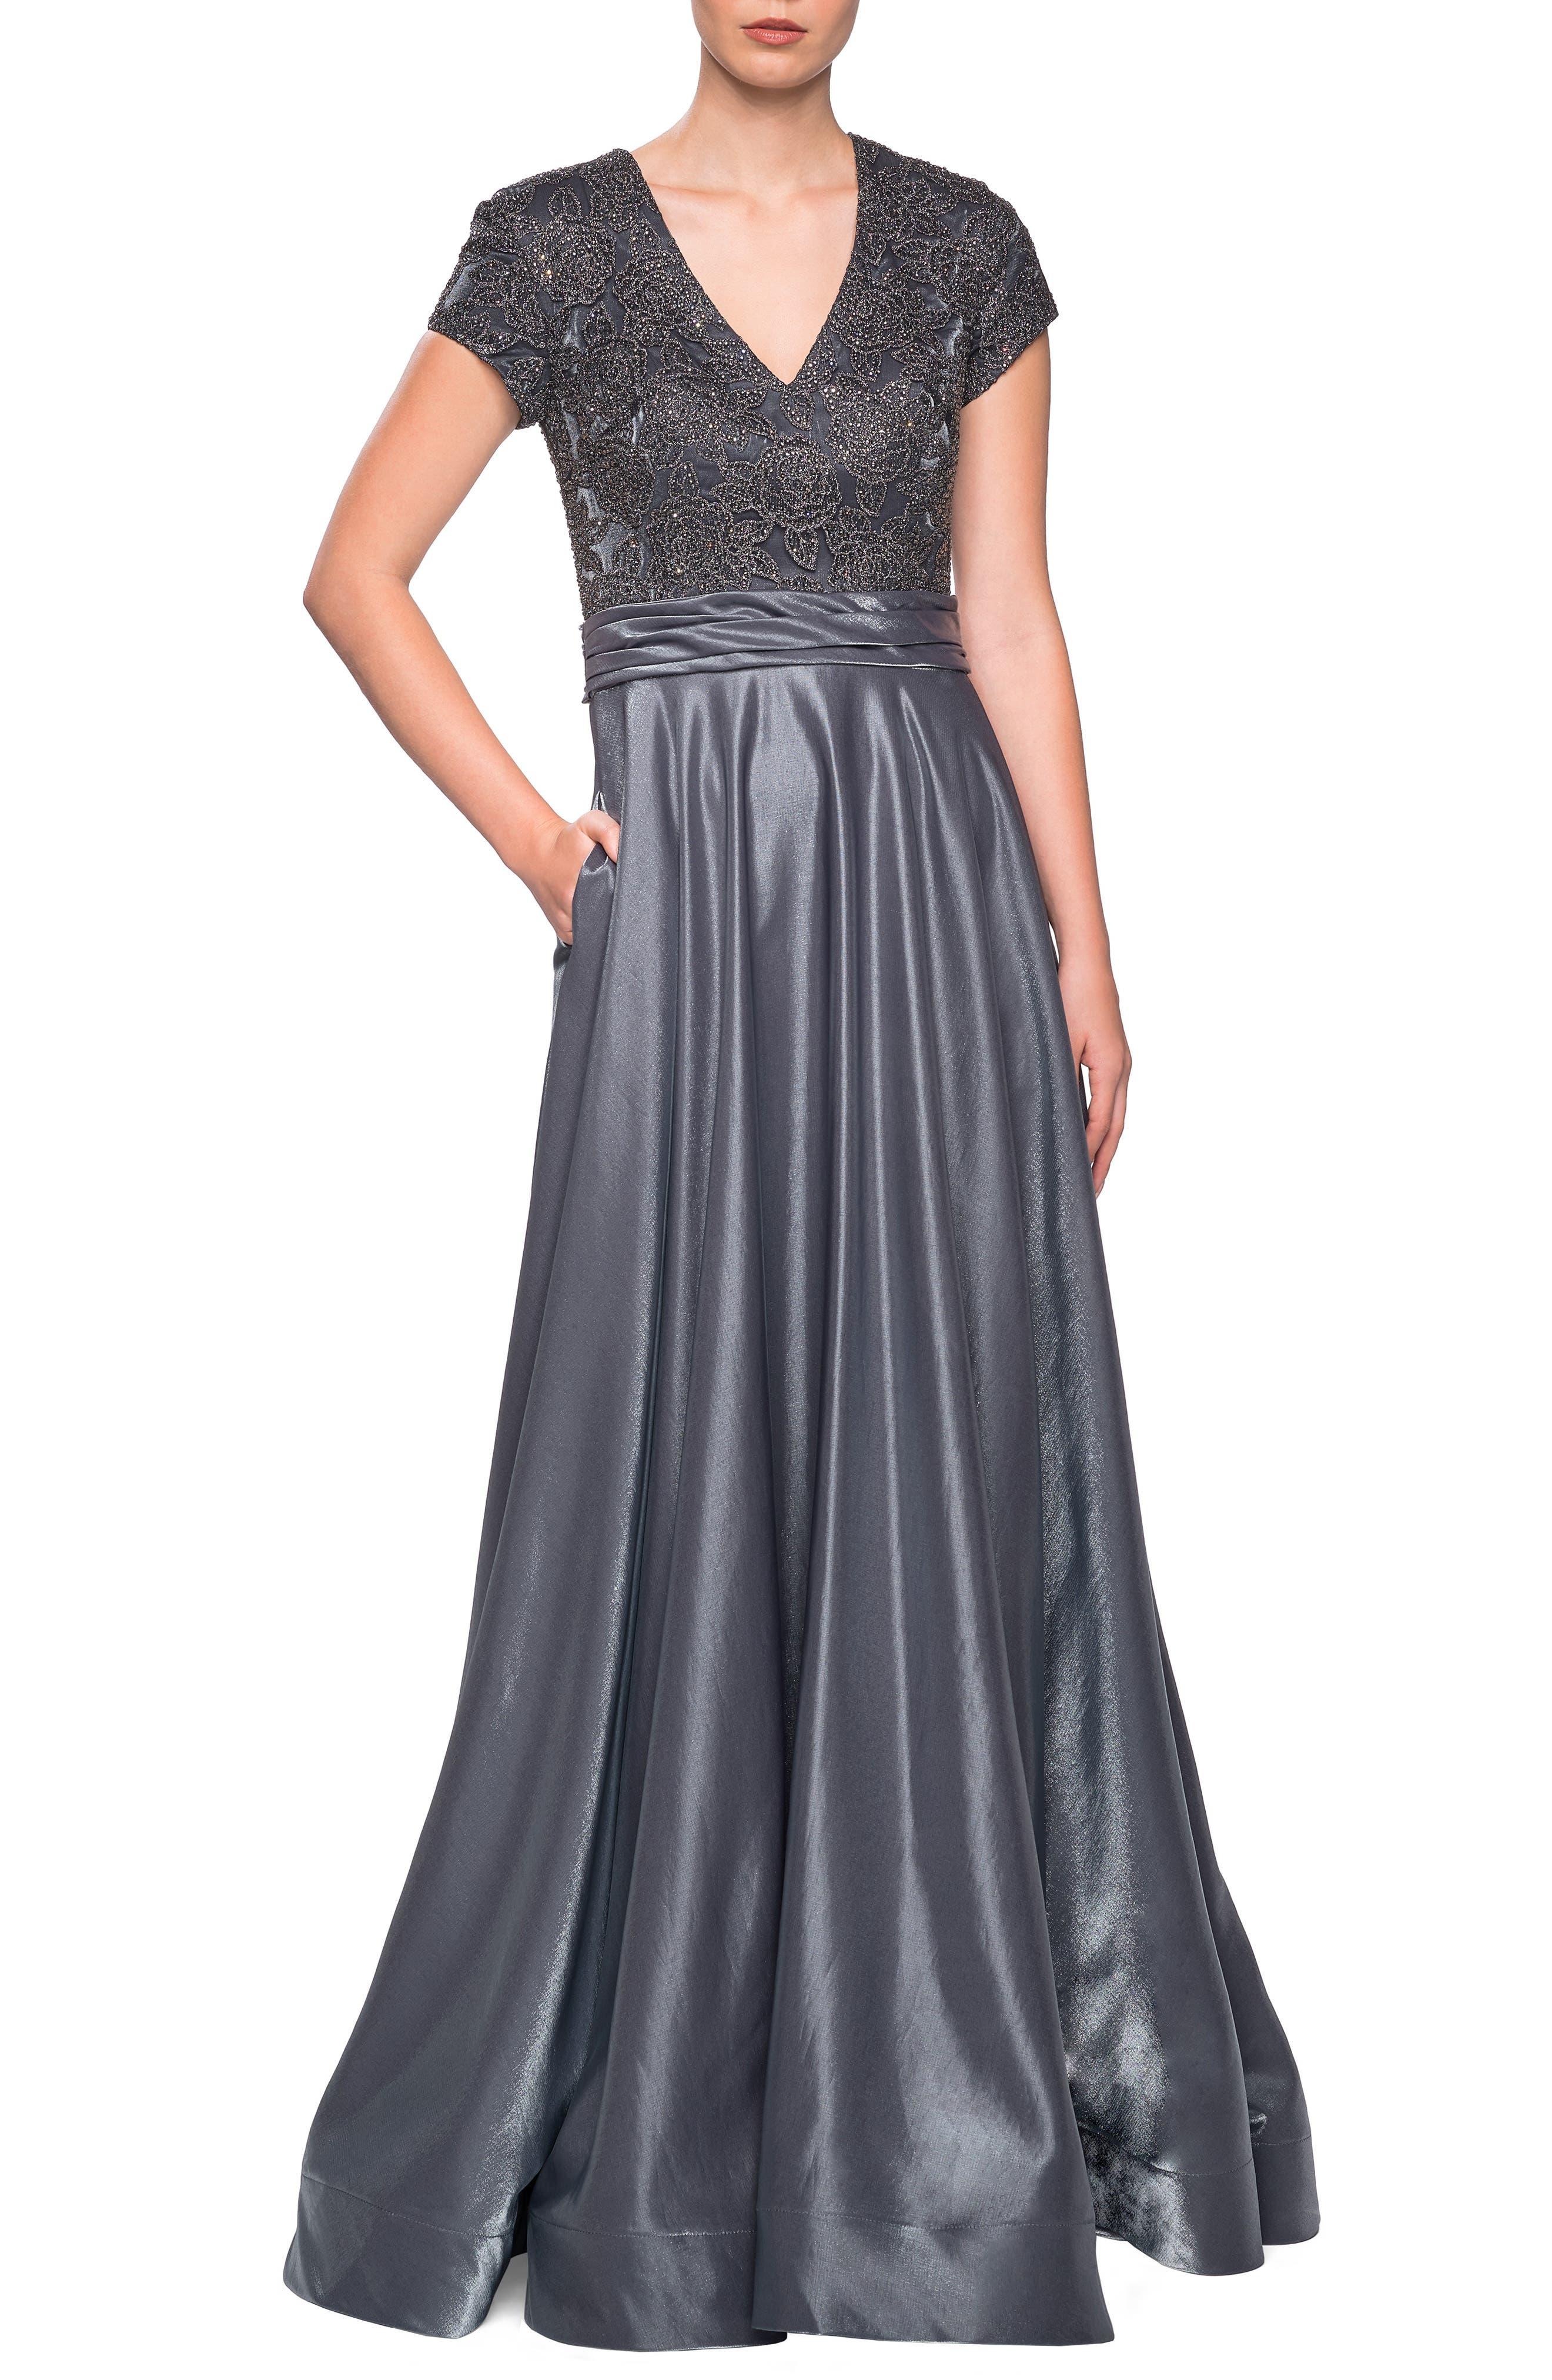 La Femme Two-Tone Satin A-Line Gown, Grey